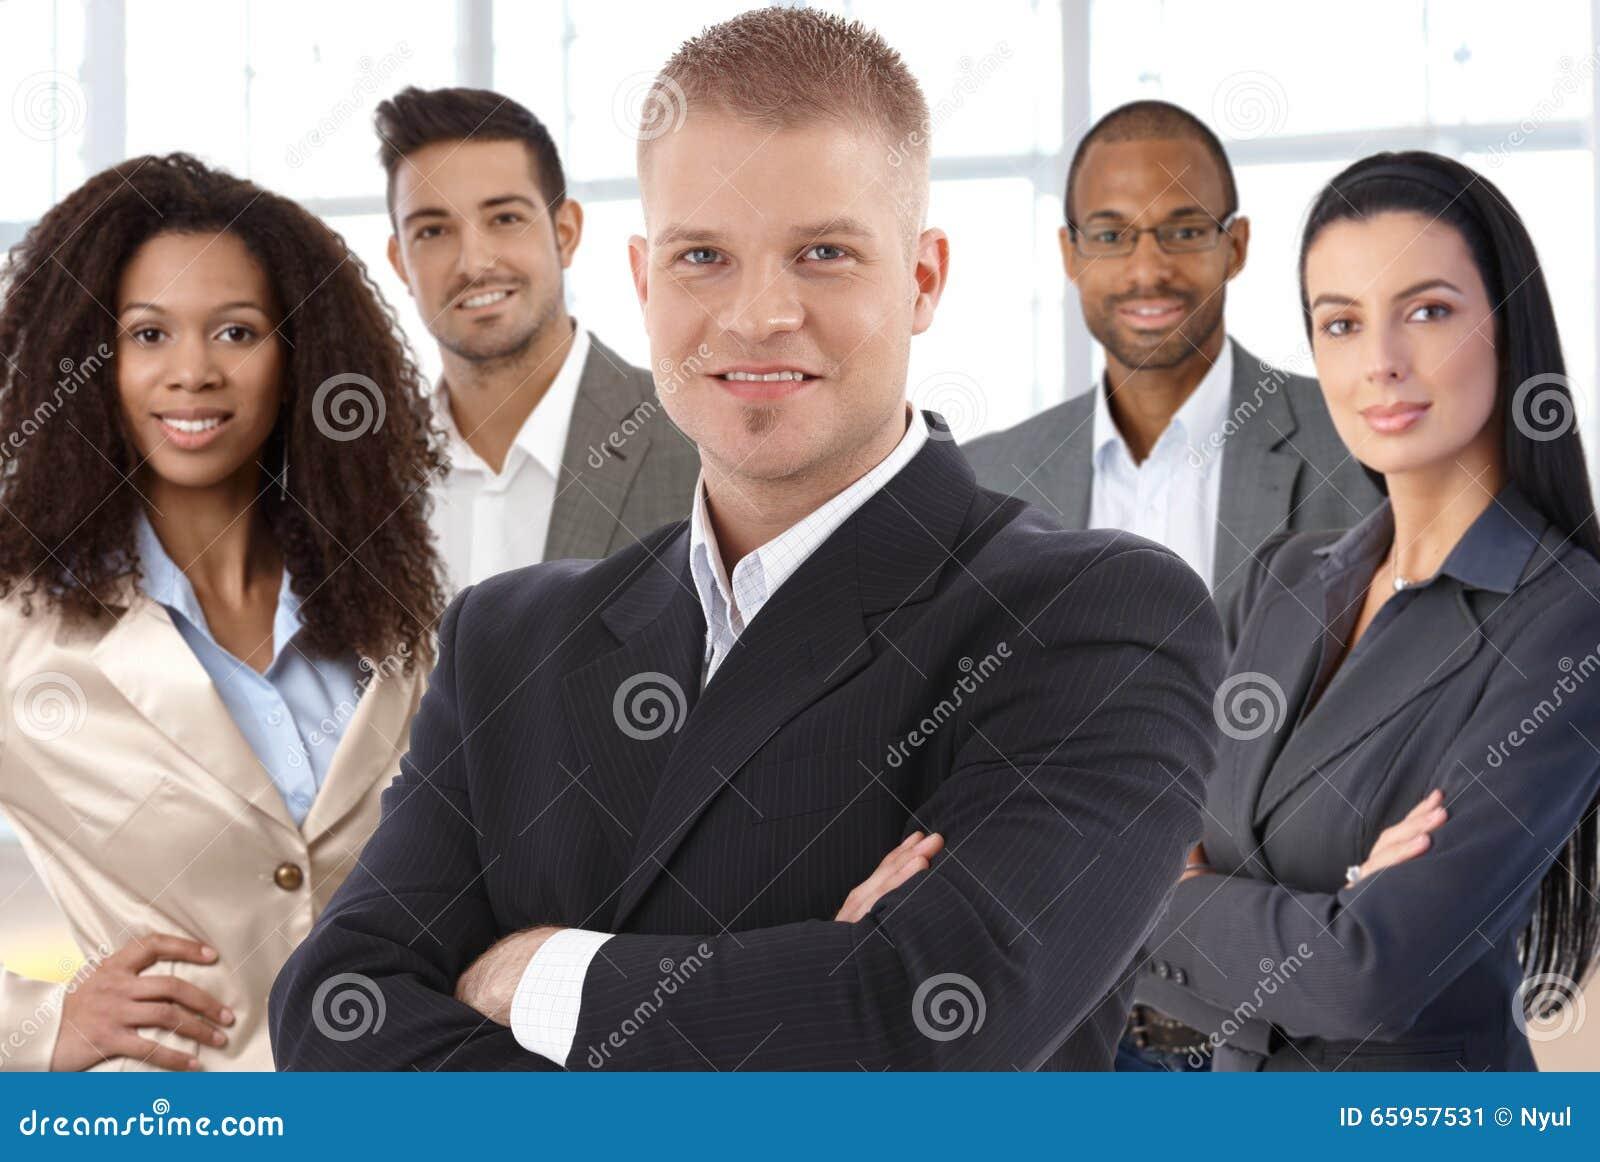 Teamfoto von erfolgreichen Wirtschaftlern